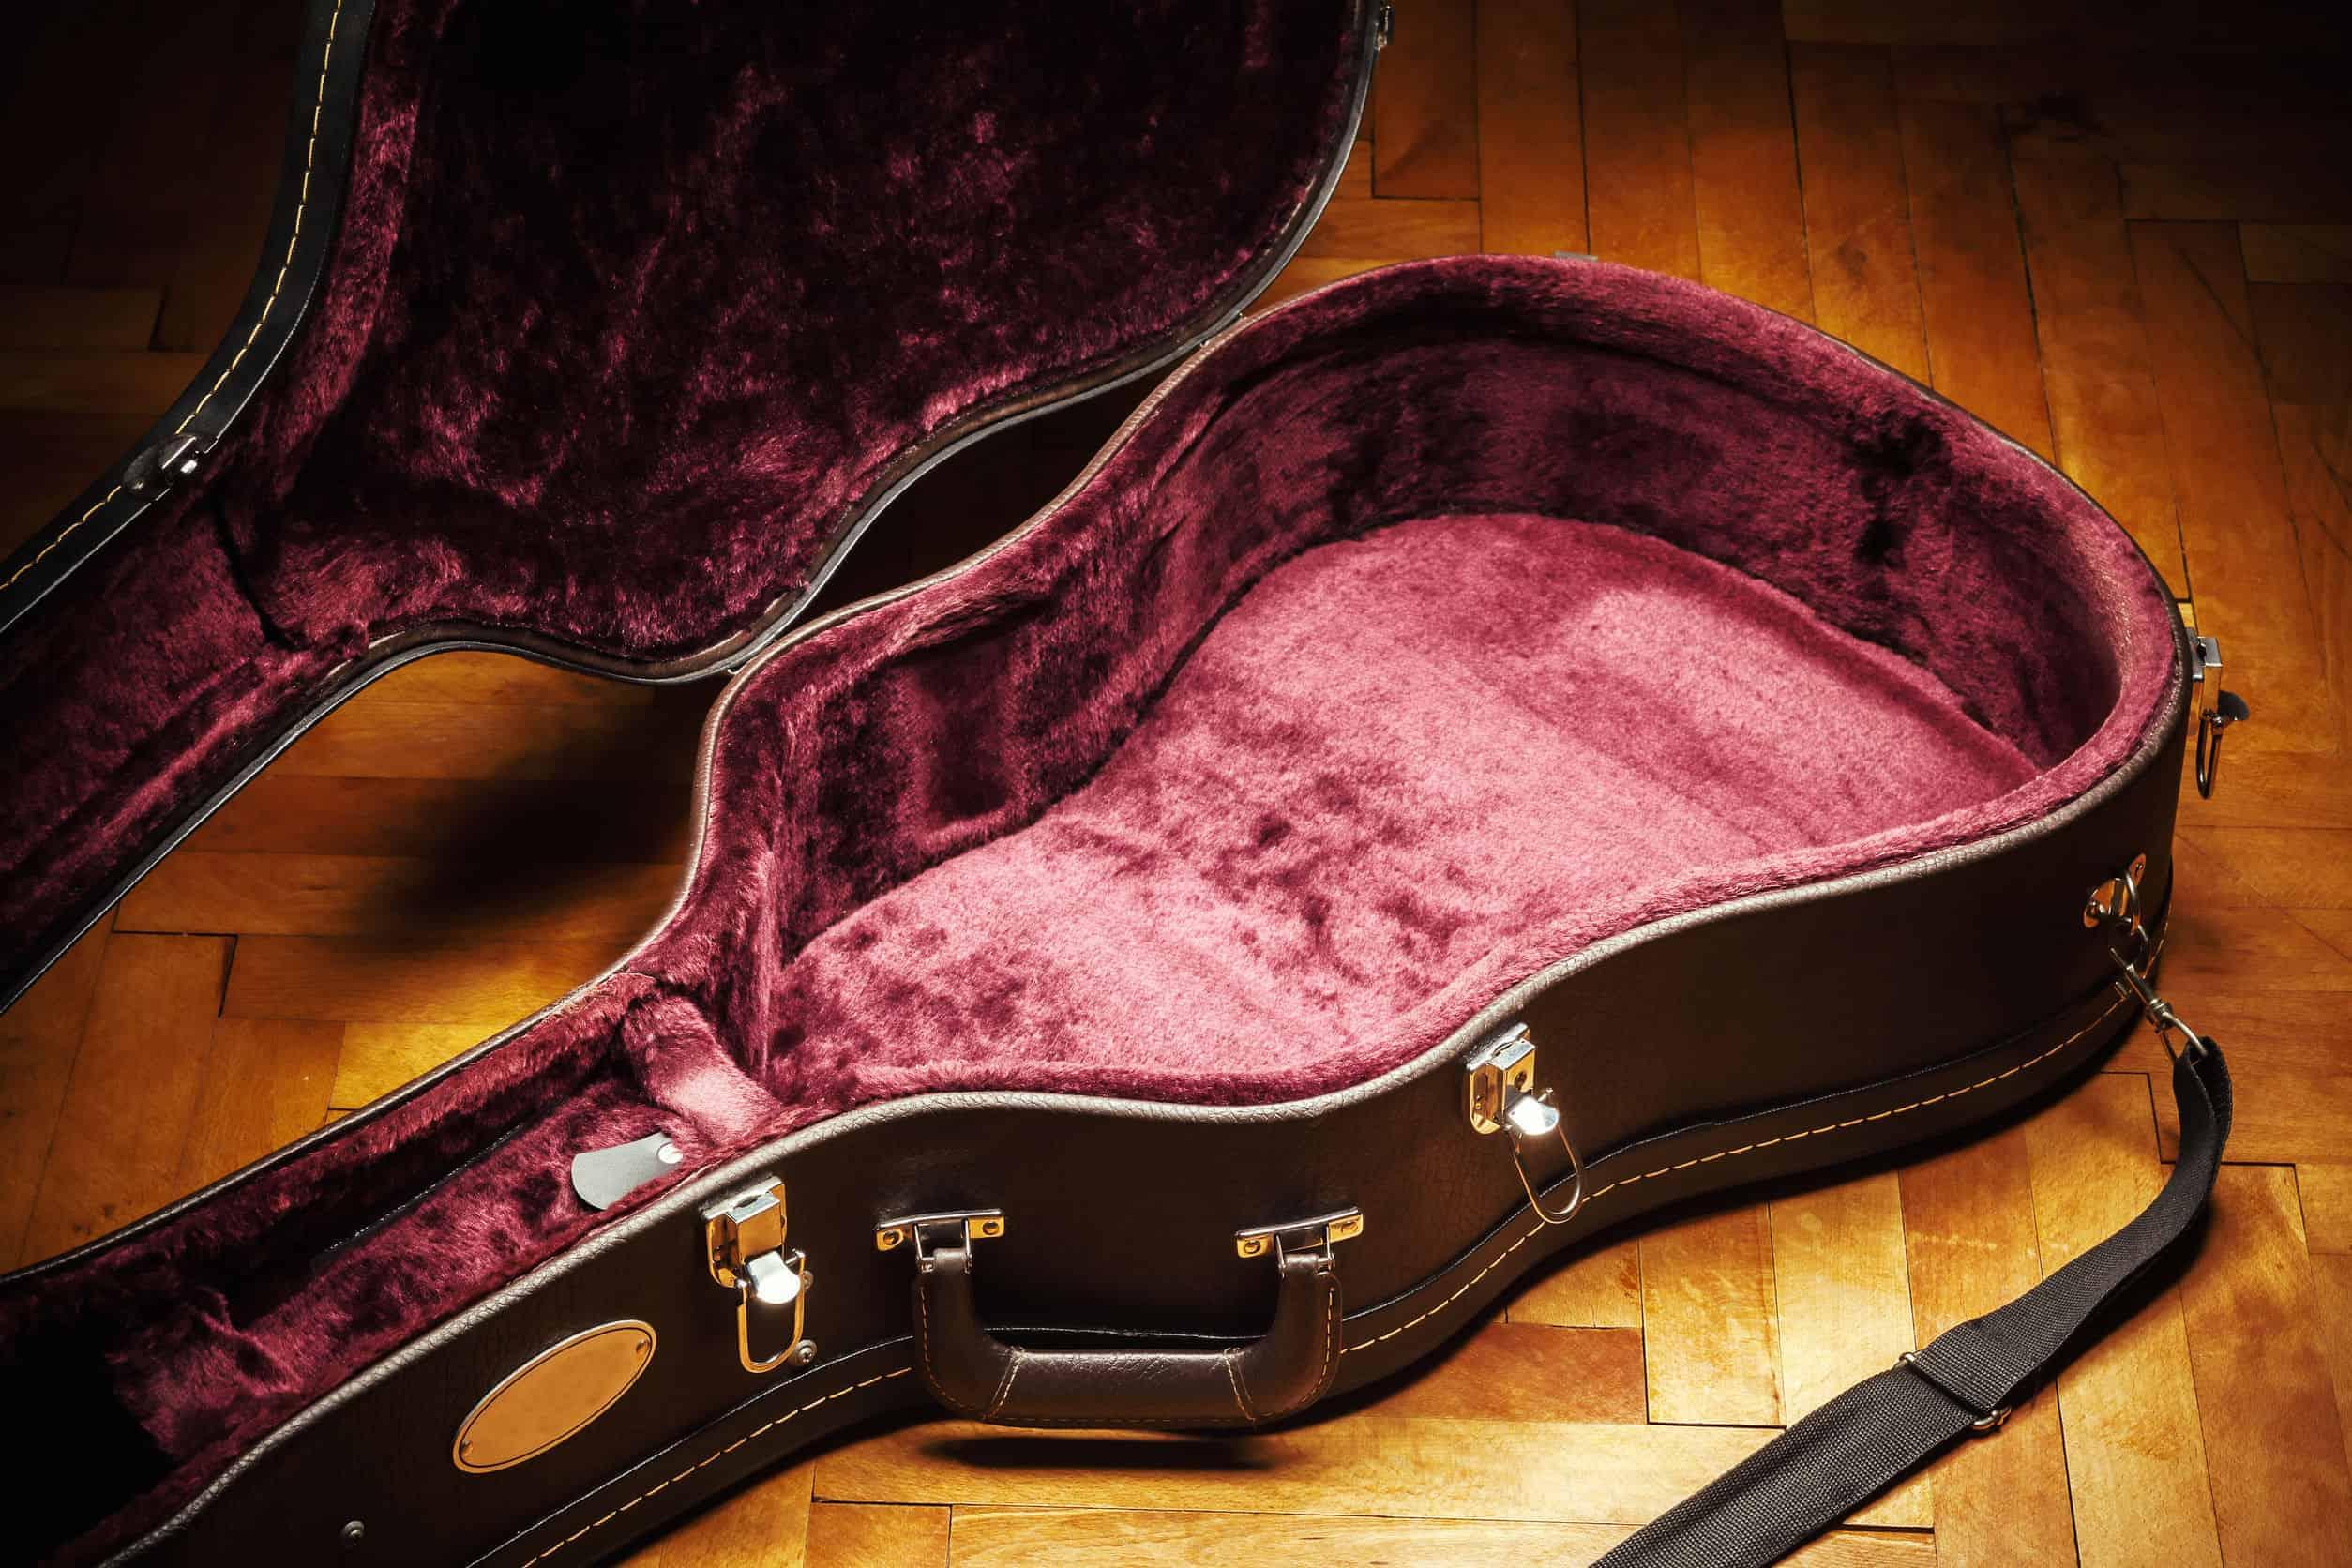 Gitarrentasche: Test & Empfehlungen (07/21)